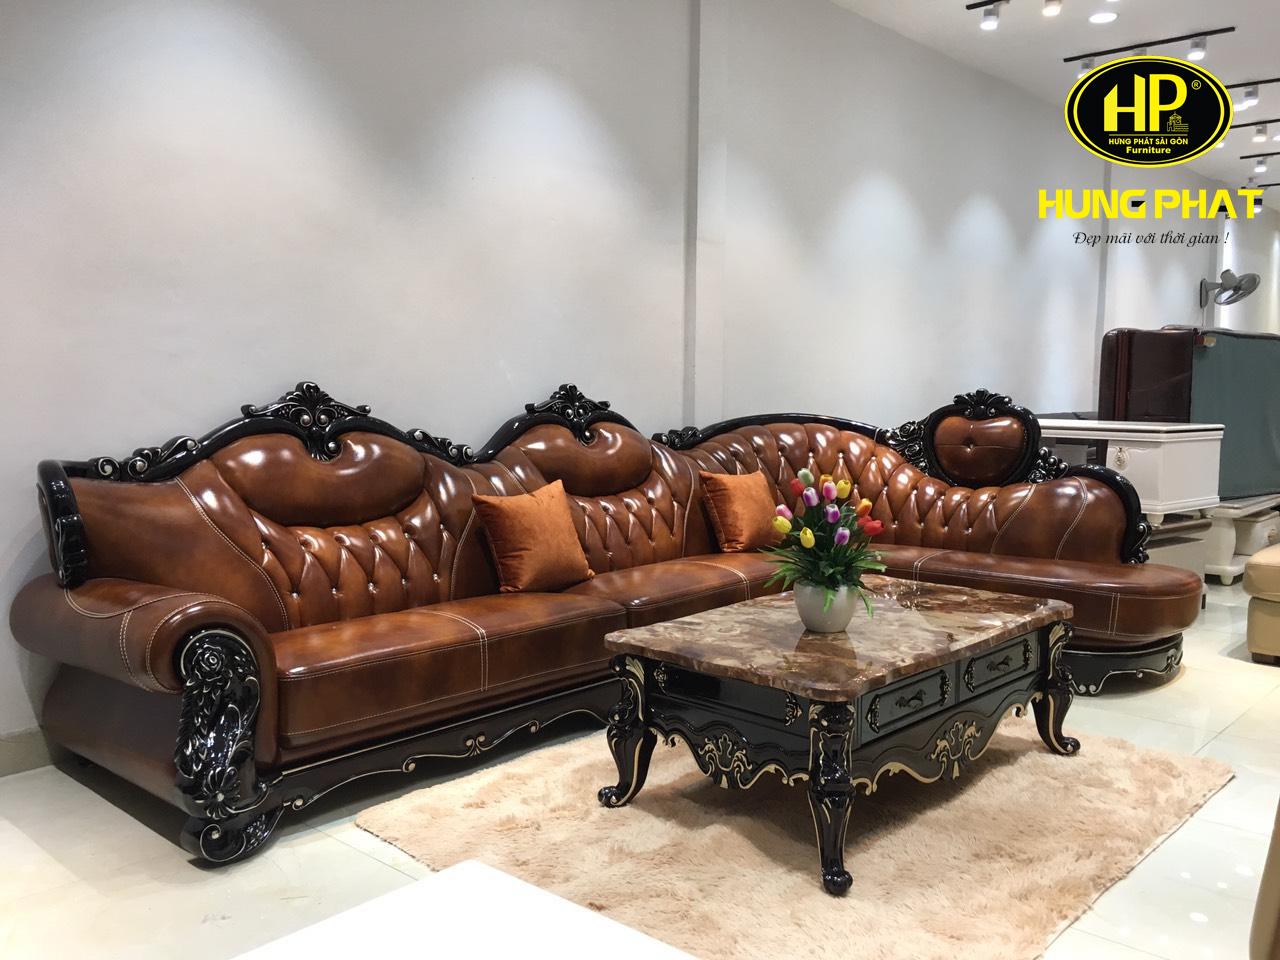 sofa co dien hungphatsaigon.vn